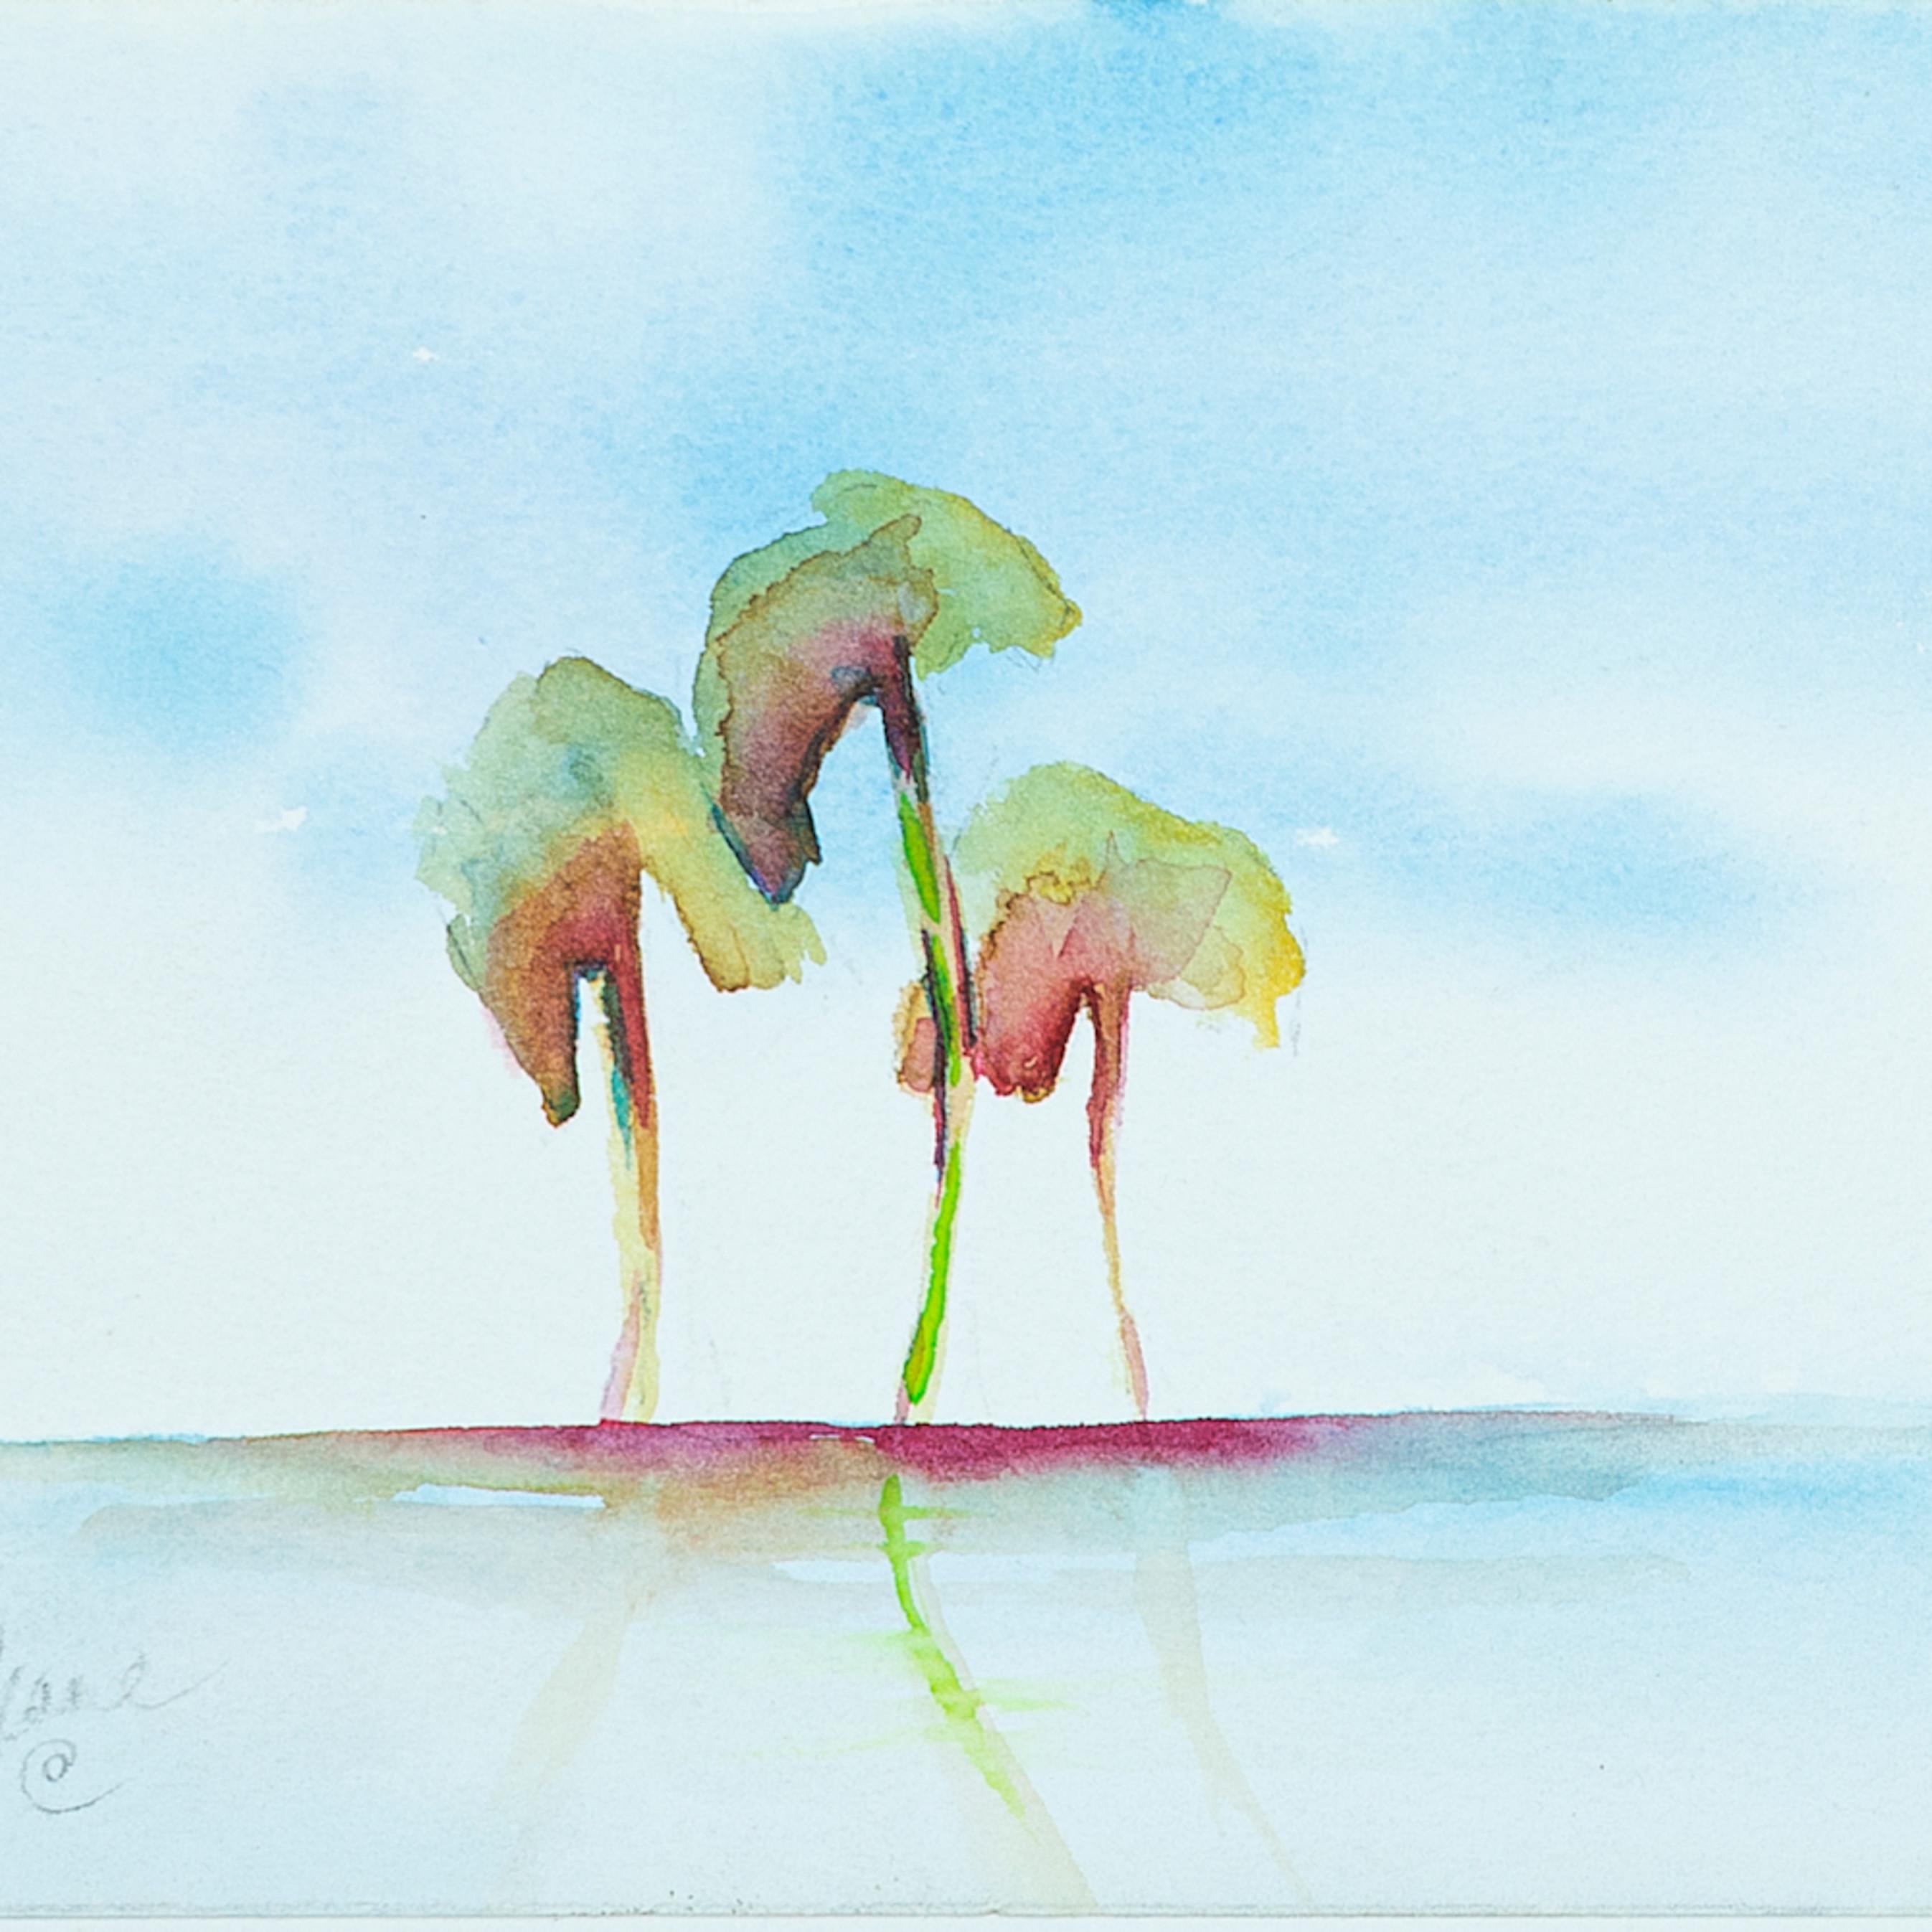 Three palms u1v5ey